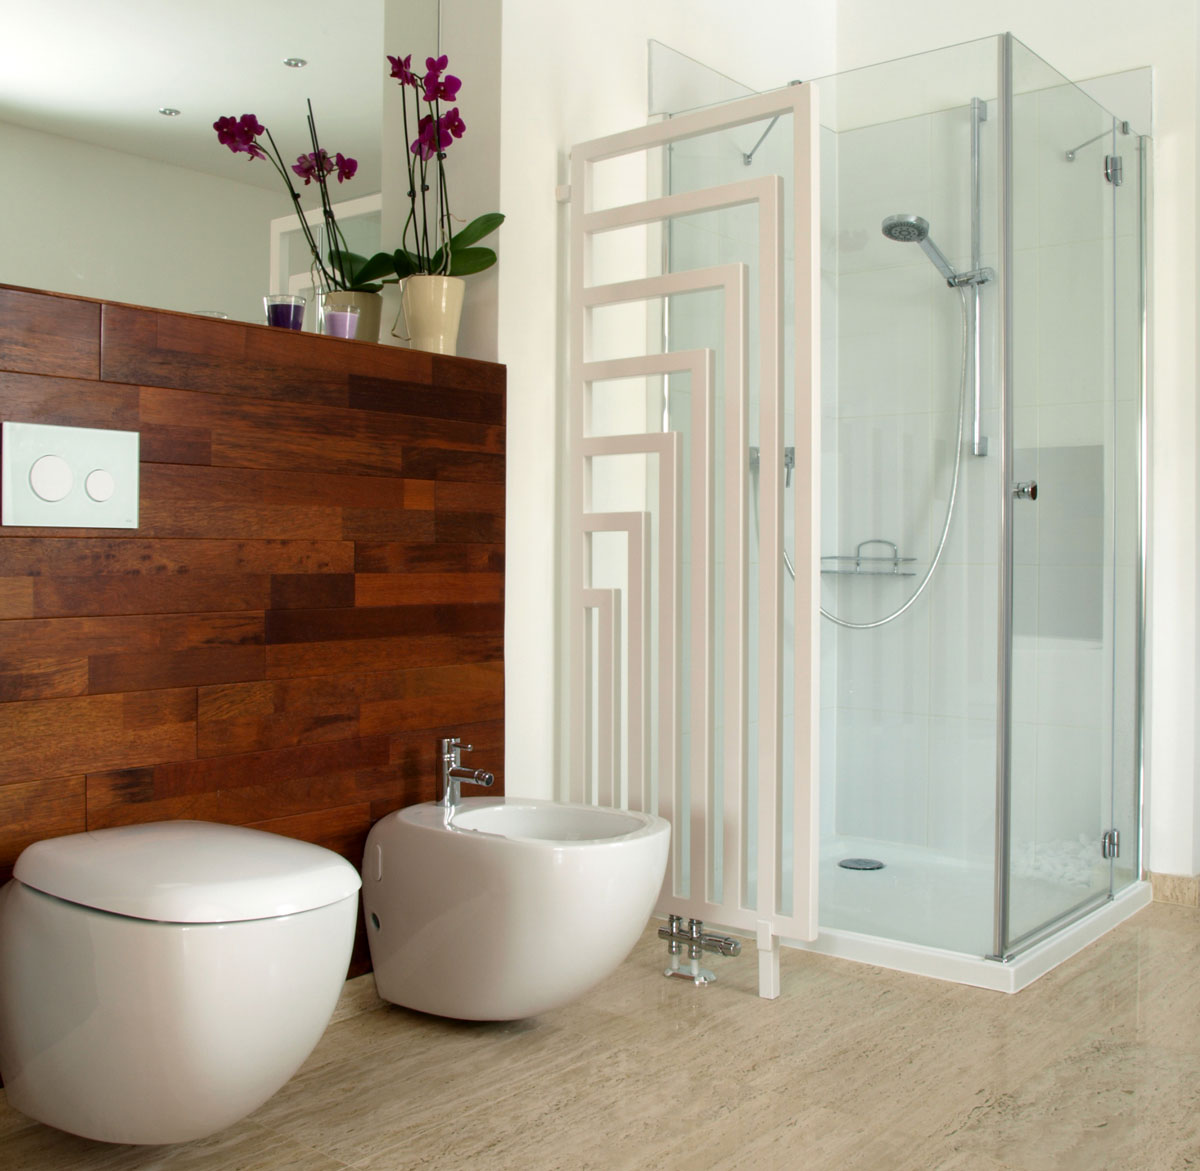 Controparete in cartongesso per il bagno predisposizione e tipologie - Cartongesso per bagno ...